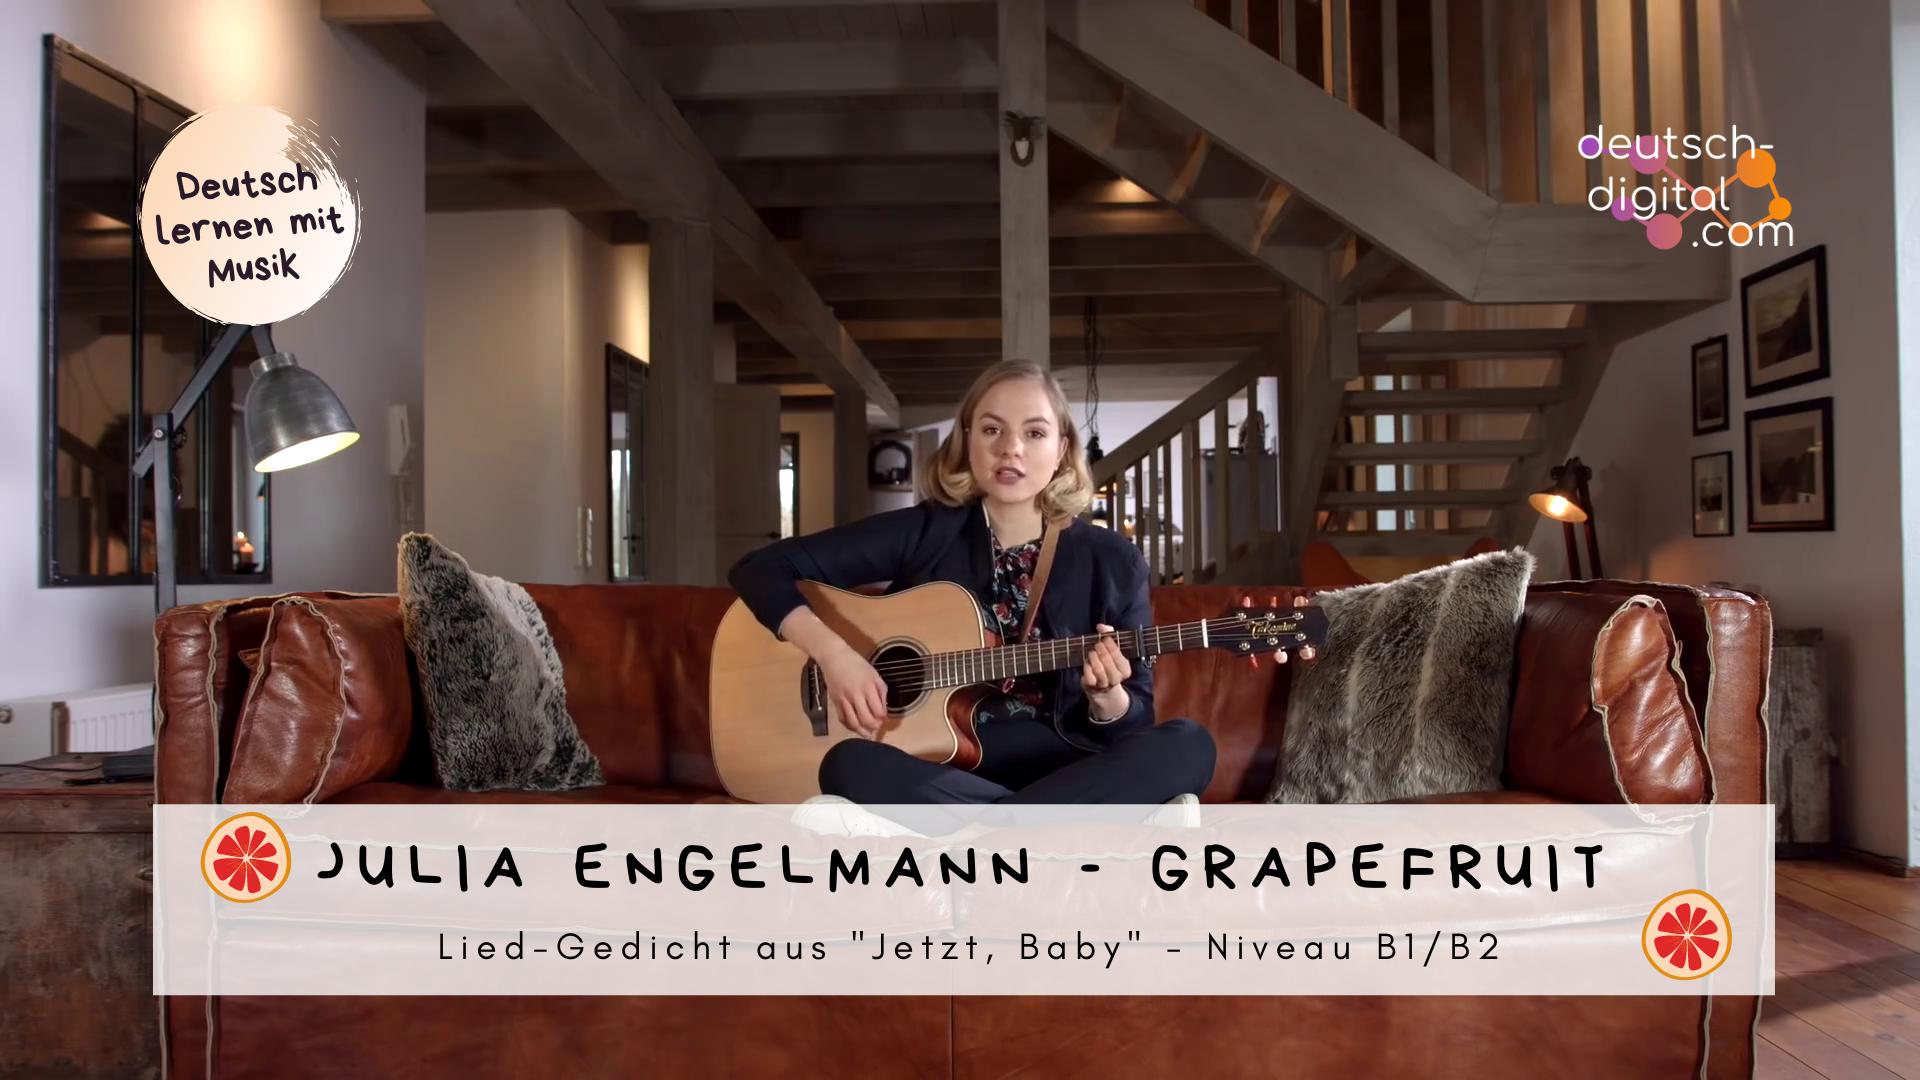 Grapefruit – Julia Engelmann